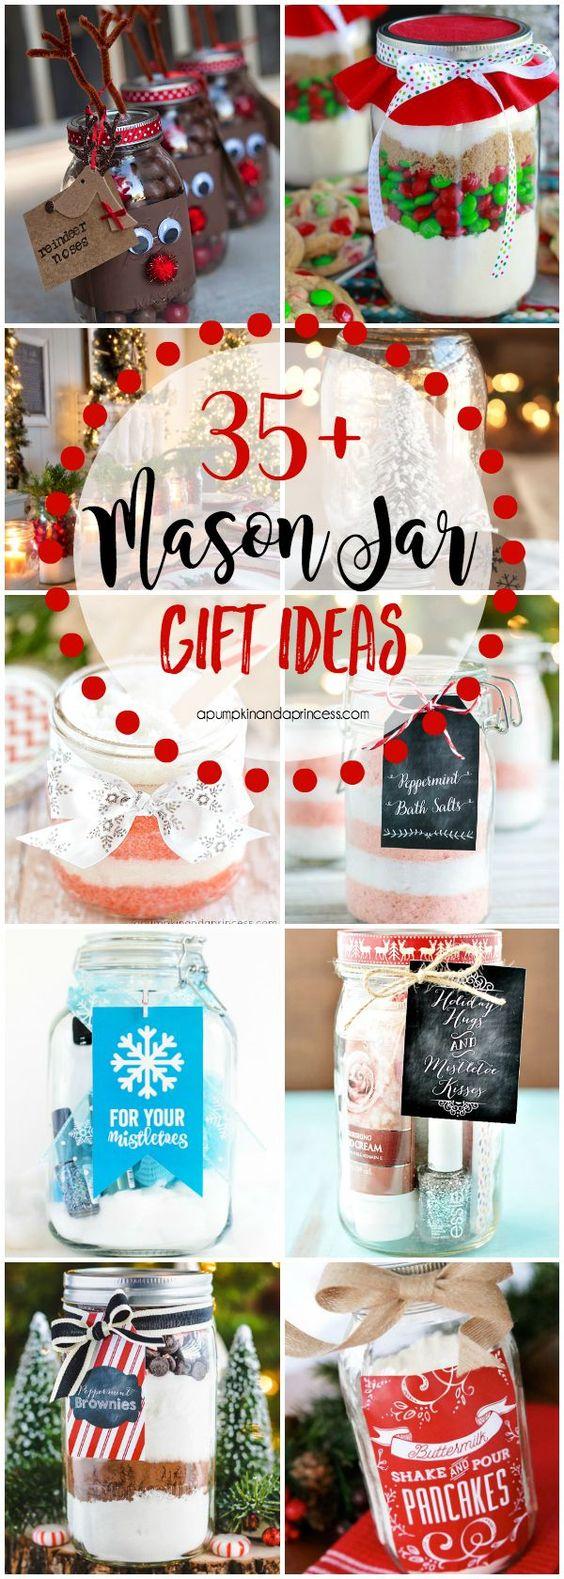 35+创意圣诞梅森罐子礼物几乎是Demeber,现在是时候开始思考圣诞礼物了!我一直喜欢手工制作的礼物。我认为收到礼物有些特别之处,有人花时间把它们放在一起。如果你像我一样,仍然享受梅森罐的趋势,那么这里有一些简单的梅森罐礼物想法,只是在假期的时间!这个职位可能包含会员链接圣诞梅森罐子礼品DIY薄荷梅森罐子蜡烛通过南瓜和公主姜饼糖刷洗通过南瓜和公主自制薄荷糖磨砂膏